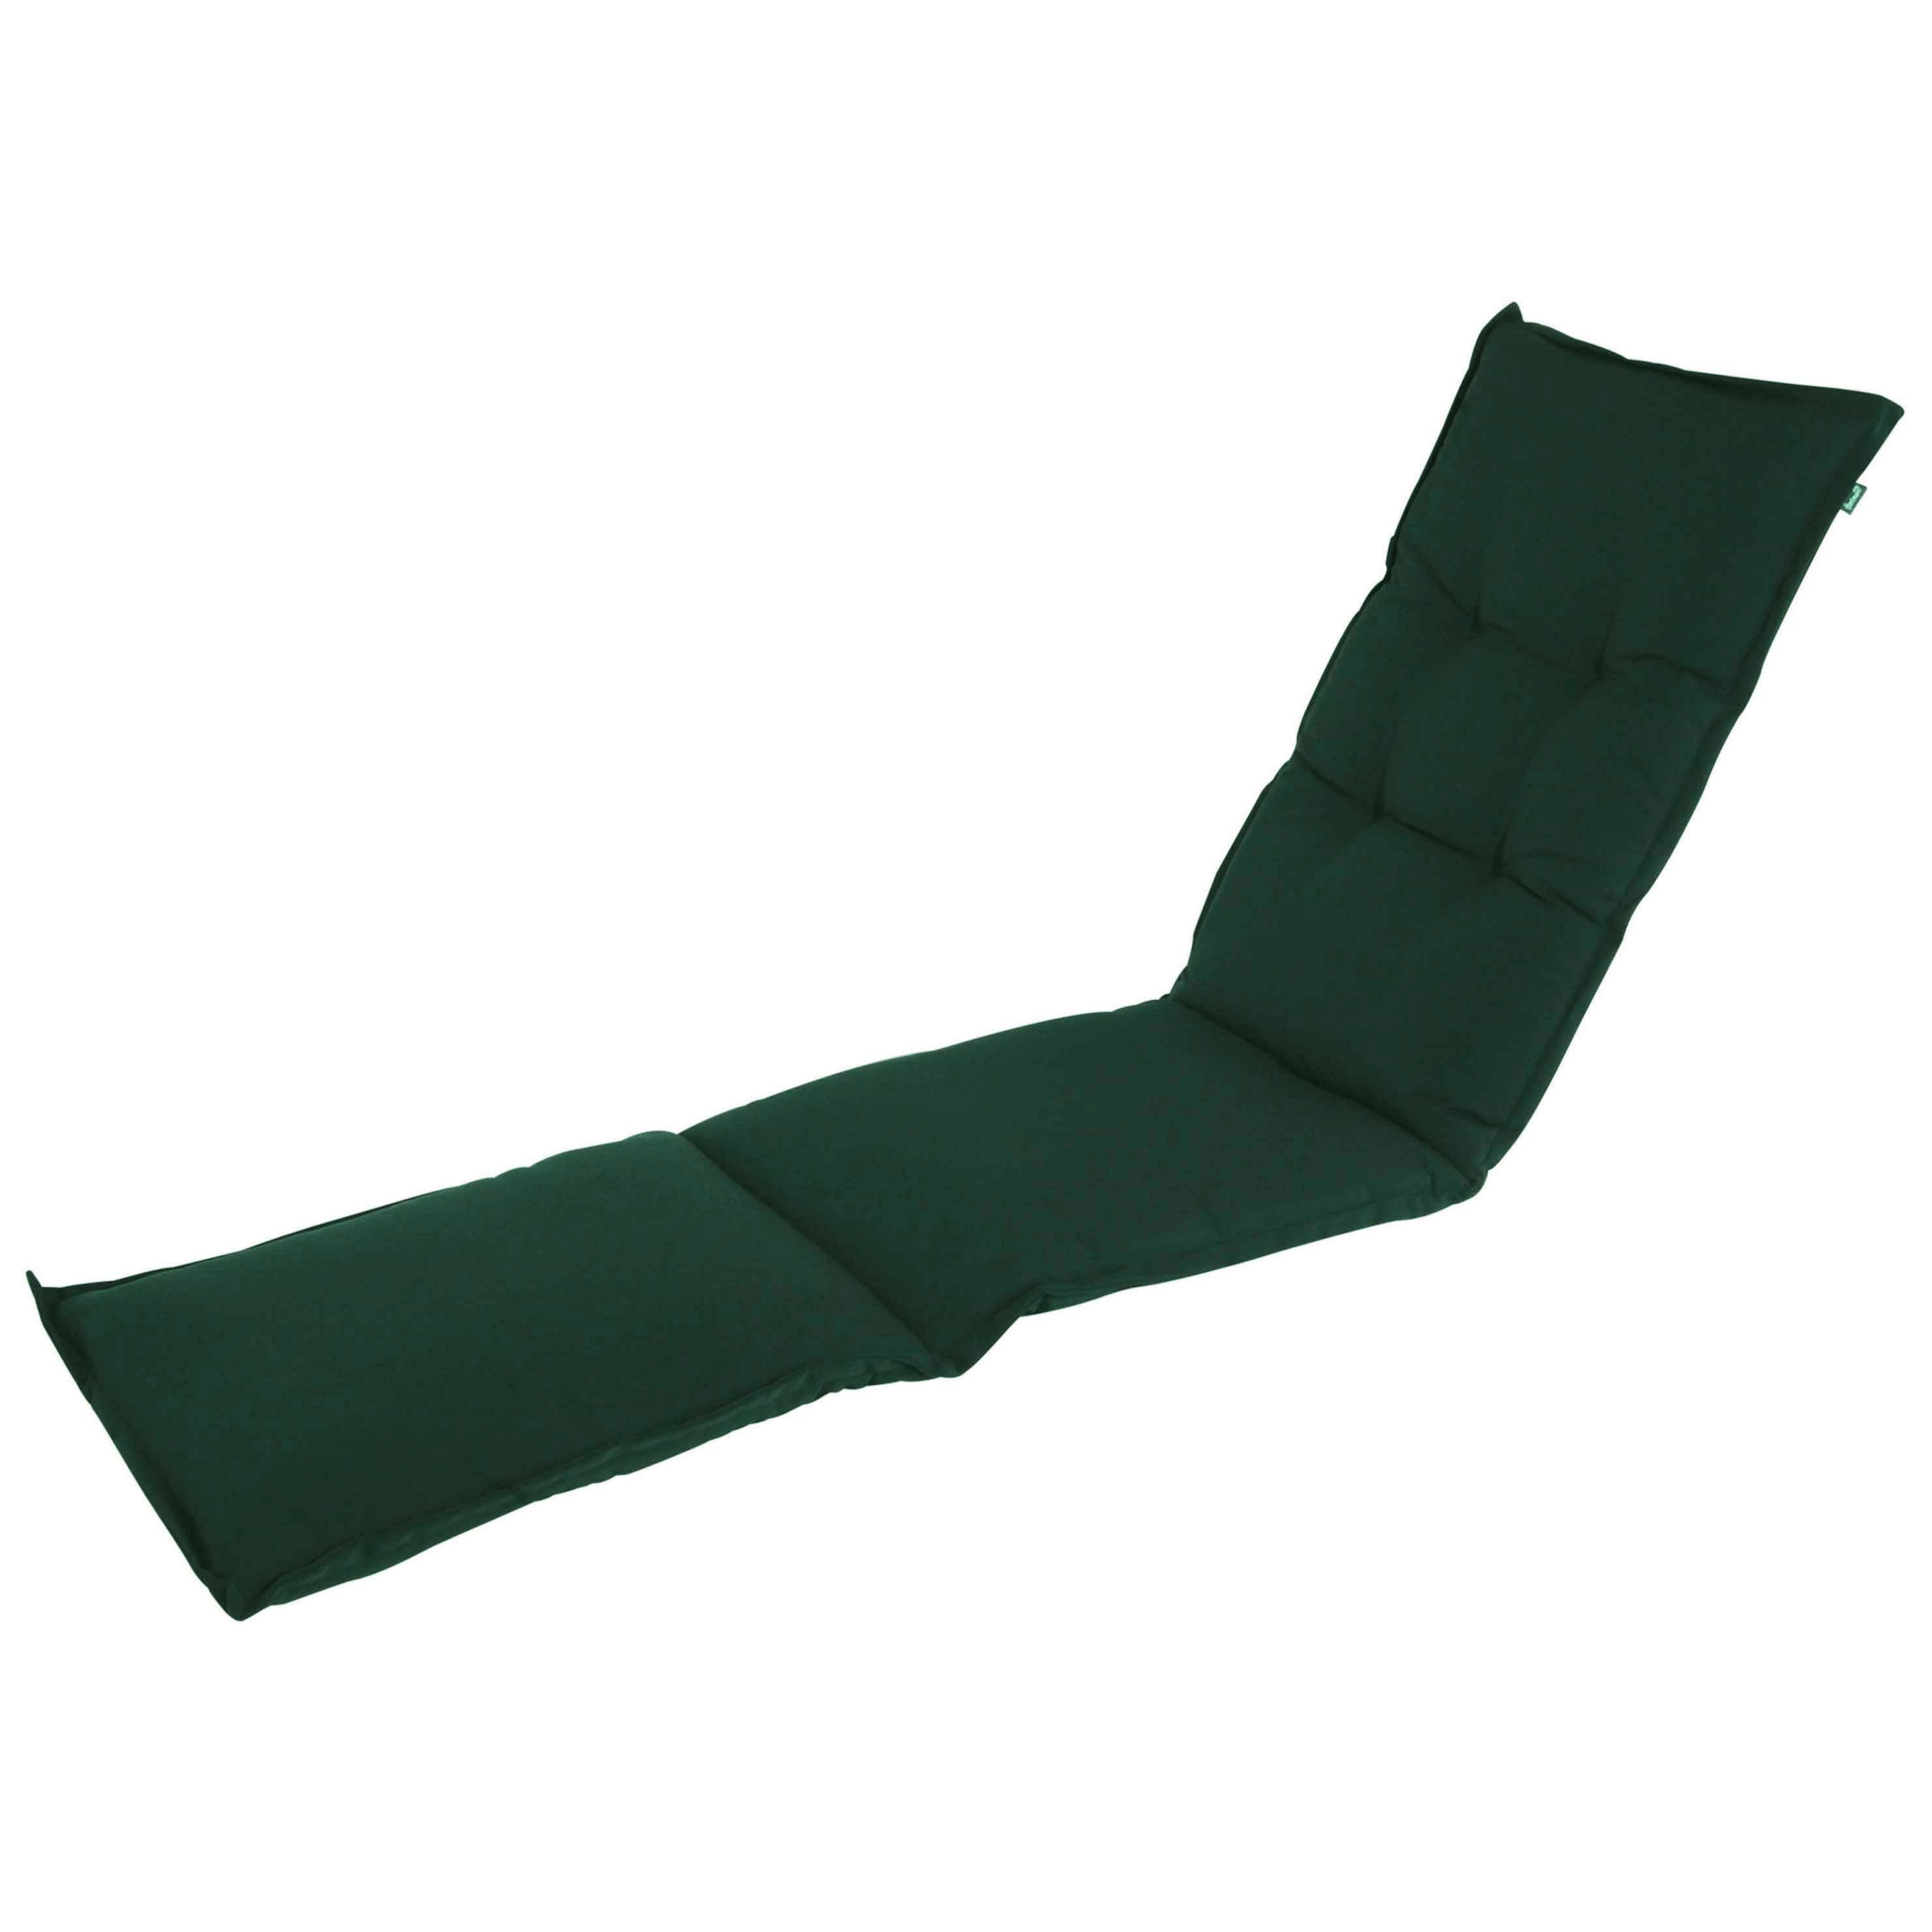 Auflage Deckchair - Havana Grün